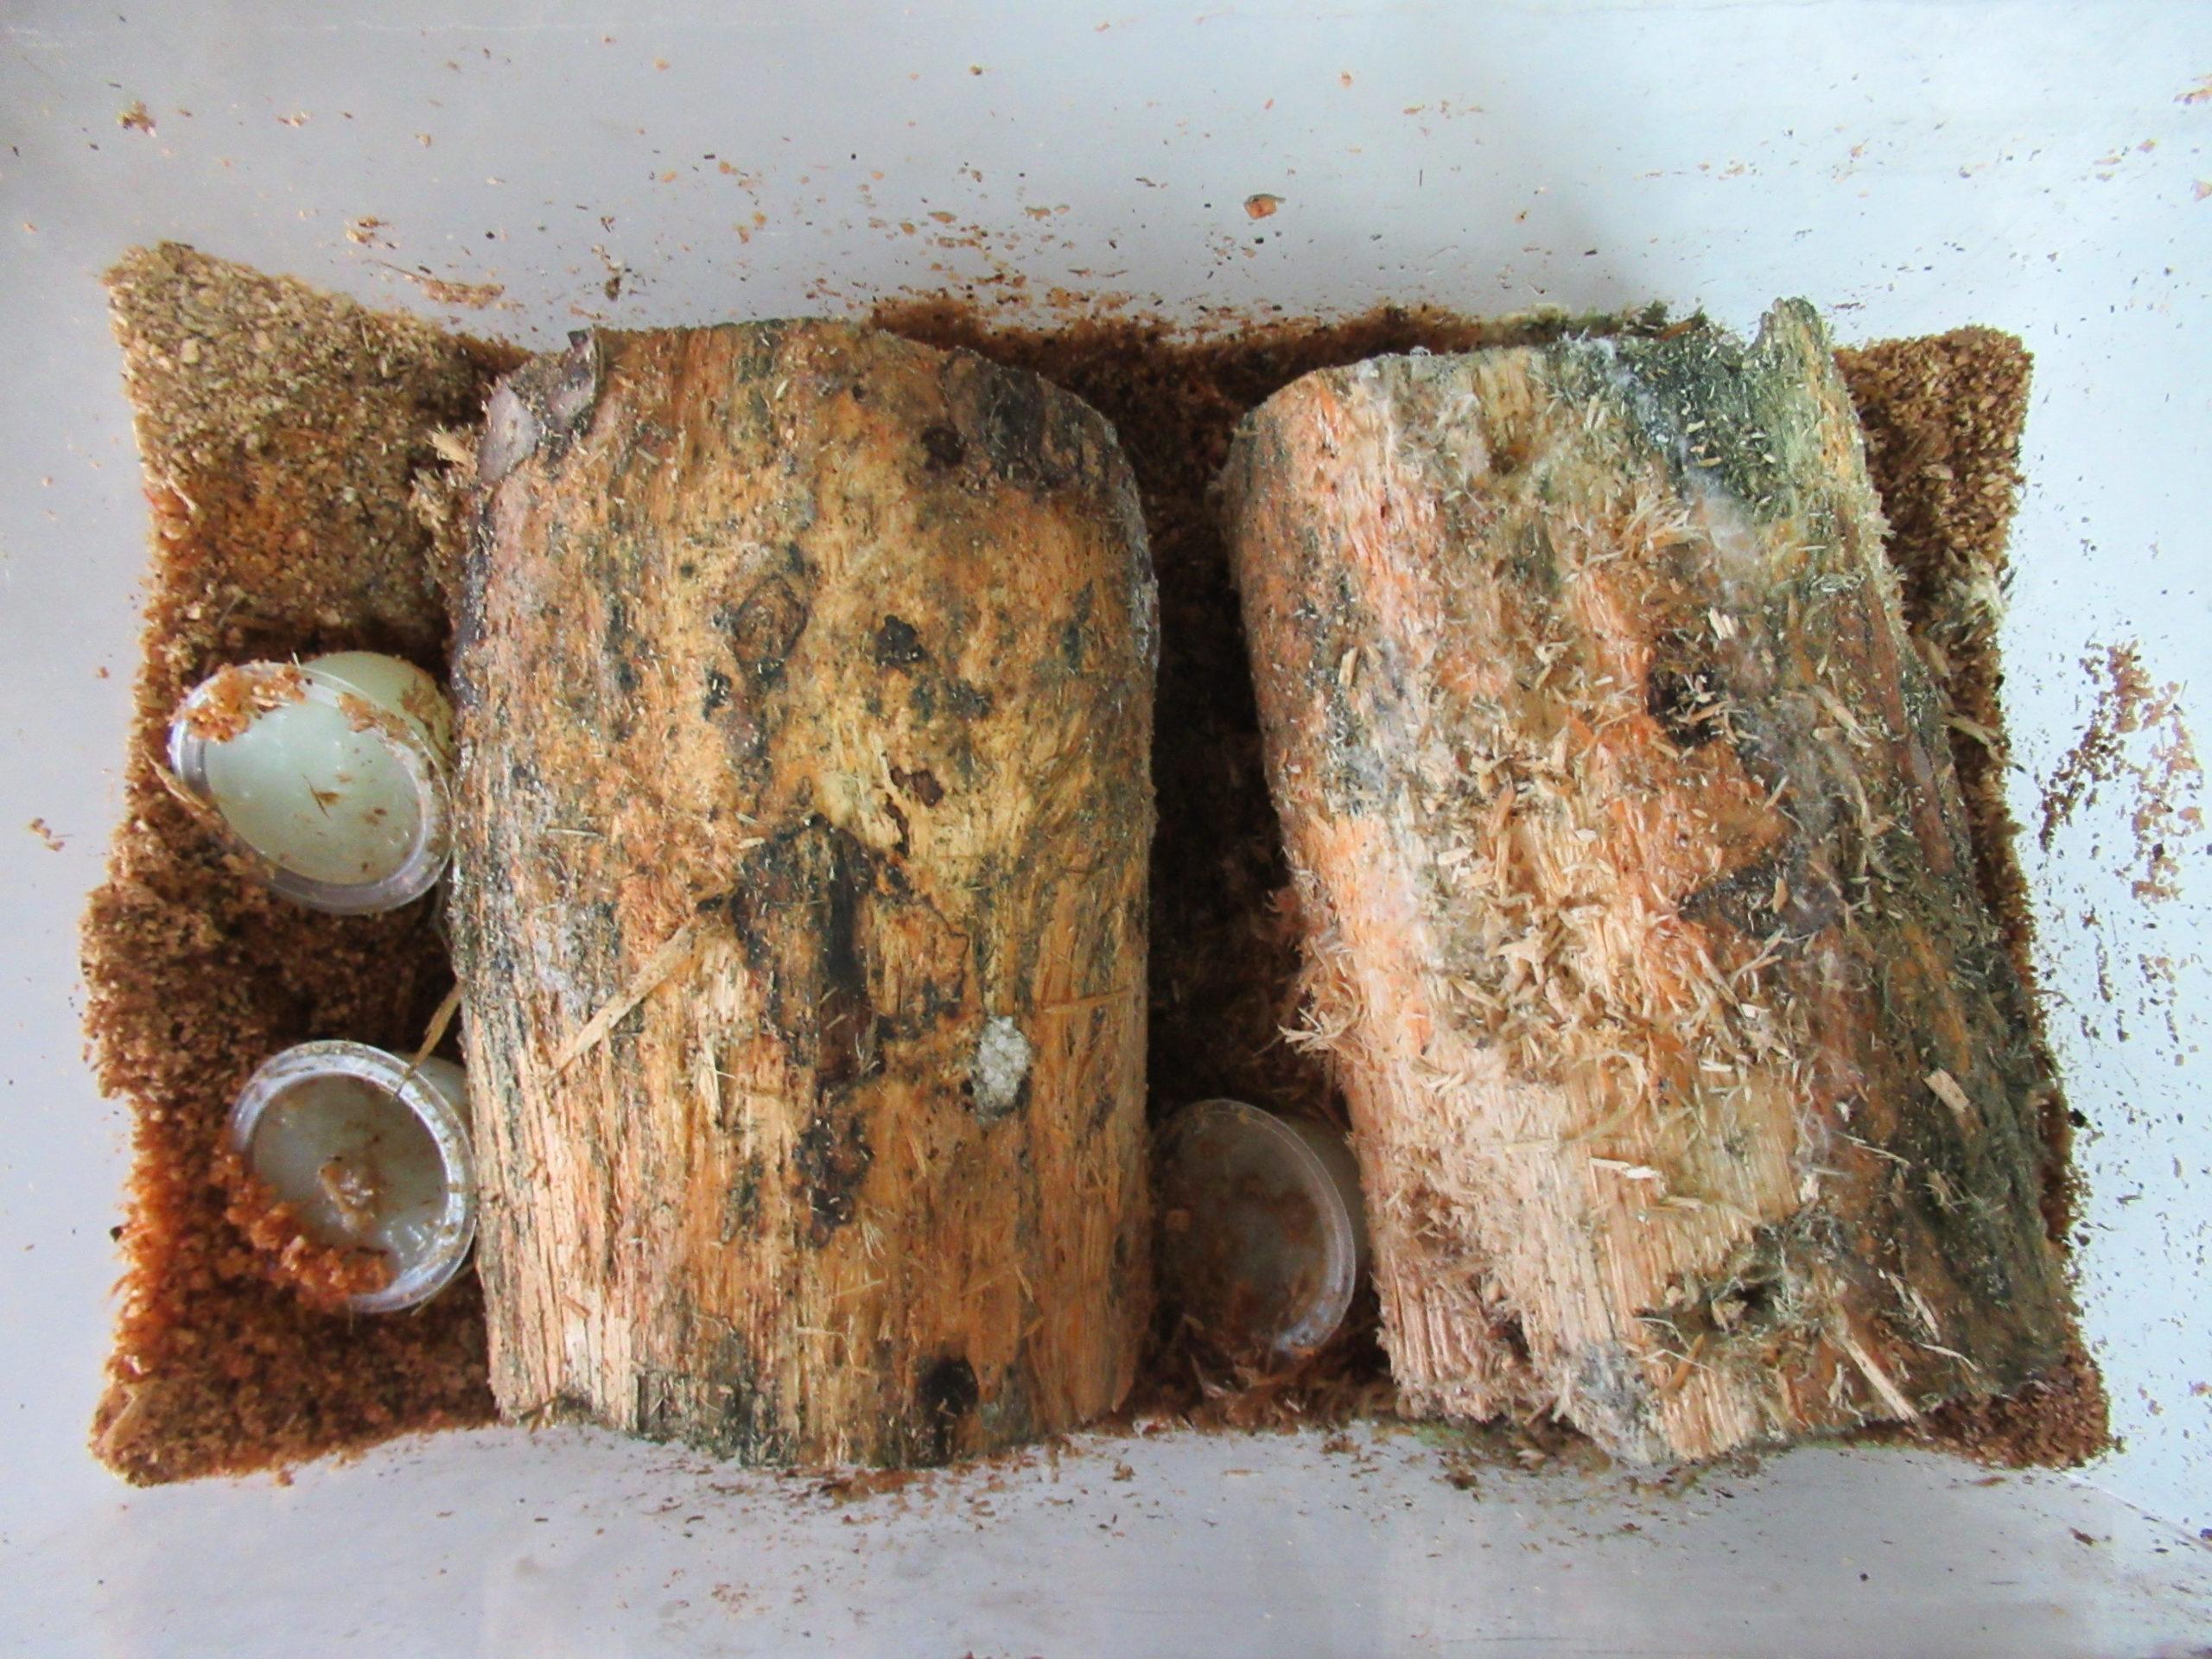 オオクワガタ産卵セットの産卵木の変化を確認する(ホペイ72)